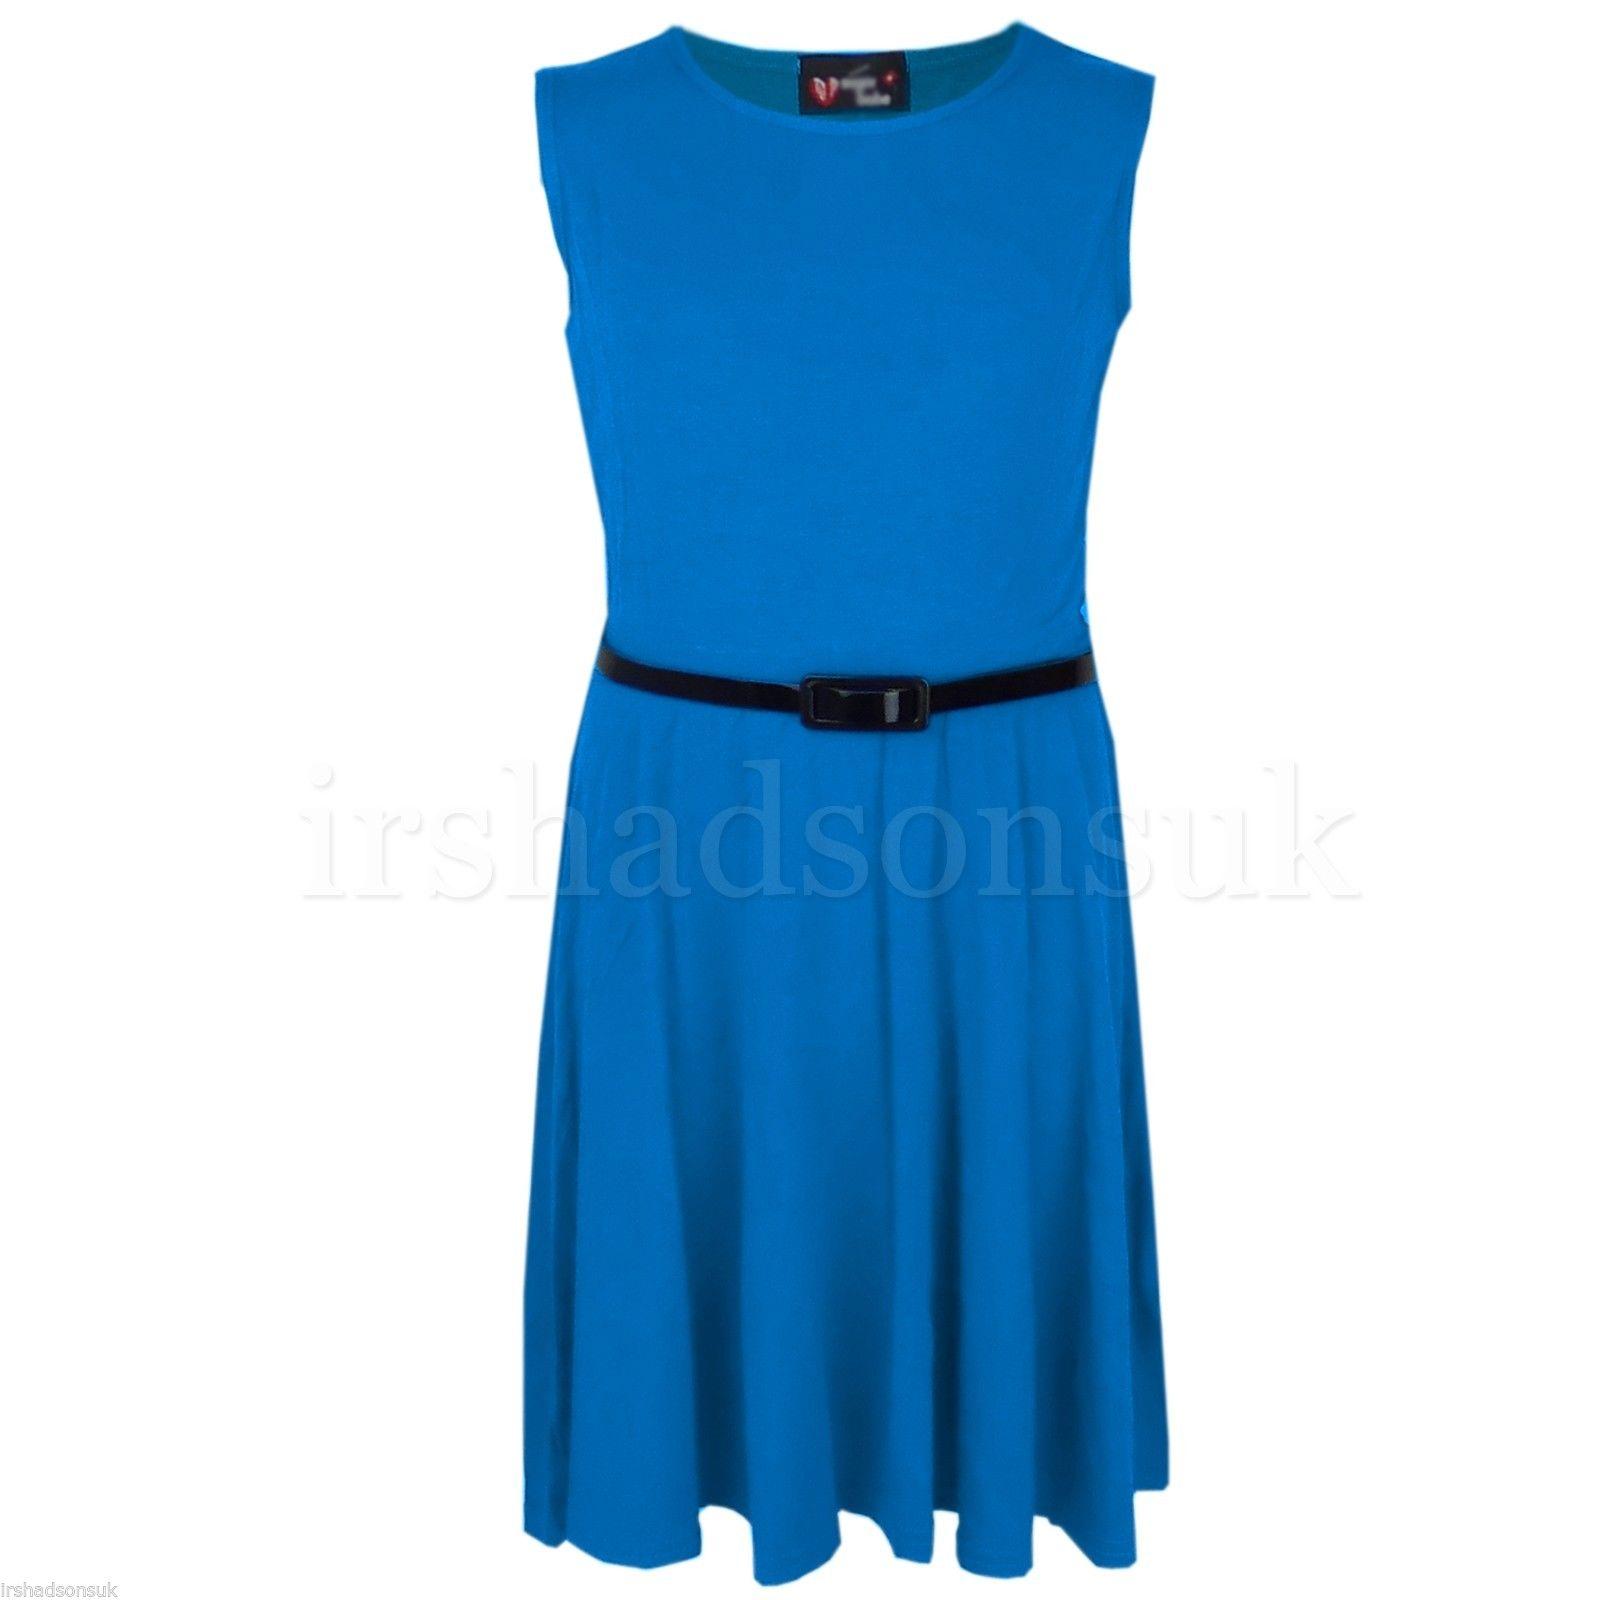 Girls Skater Dress Kids Neon Bright Summer Party Dresses 7 8 9 10 ...